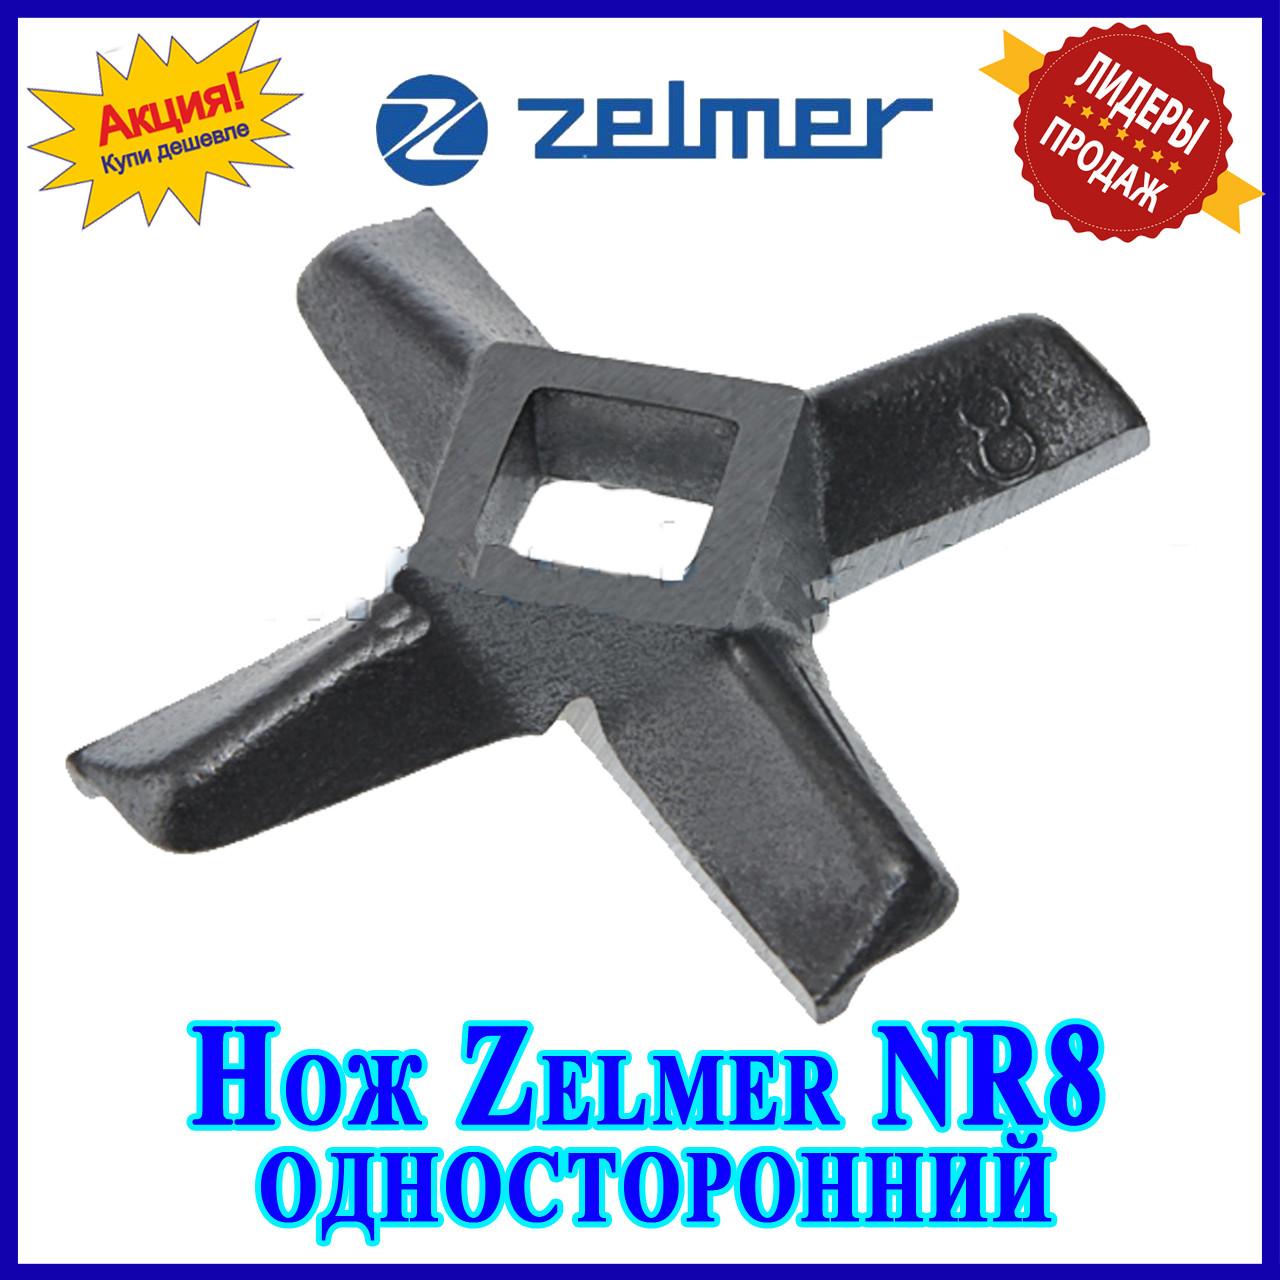 Нож для мясорубки Zelmer NR8 (ОРИГИНАЛ) Односторонний 86.3107 755469 (ZMMA018X) - Запчасти для бытовой техники — b-zip.com.ua в Харькове